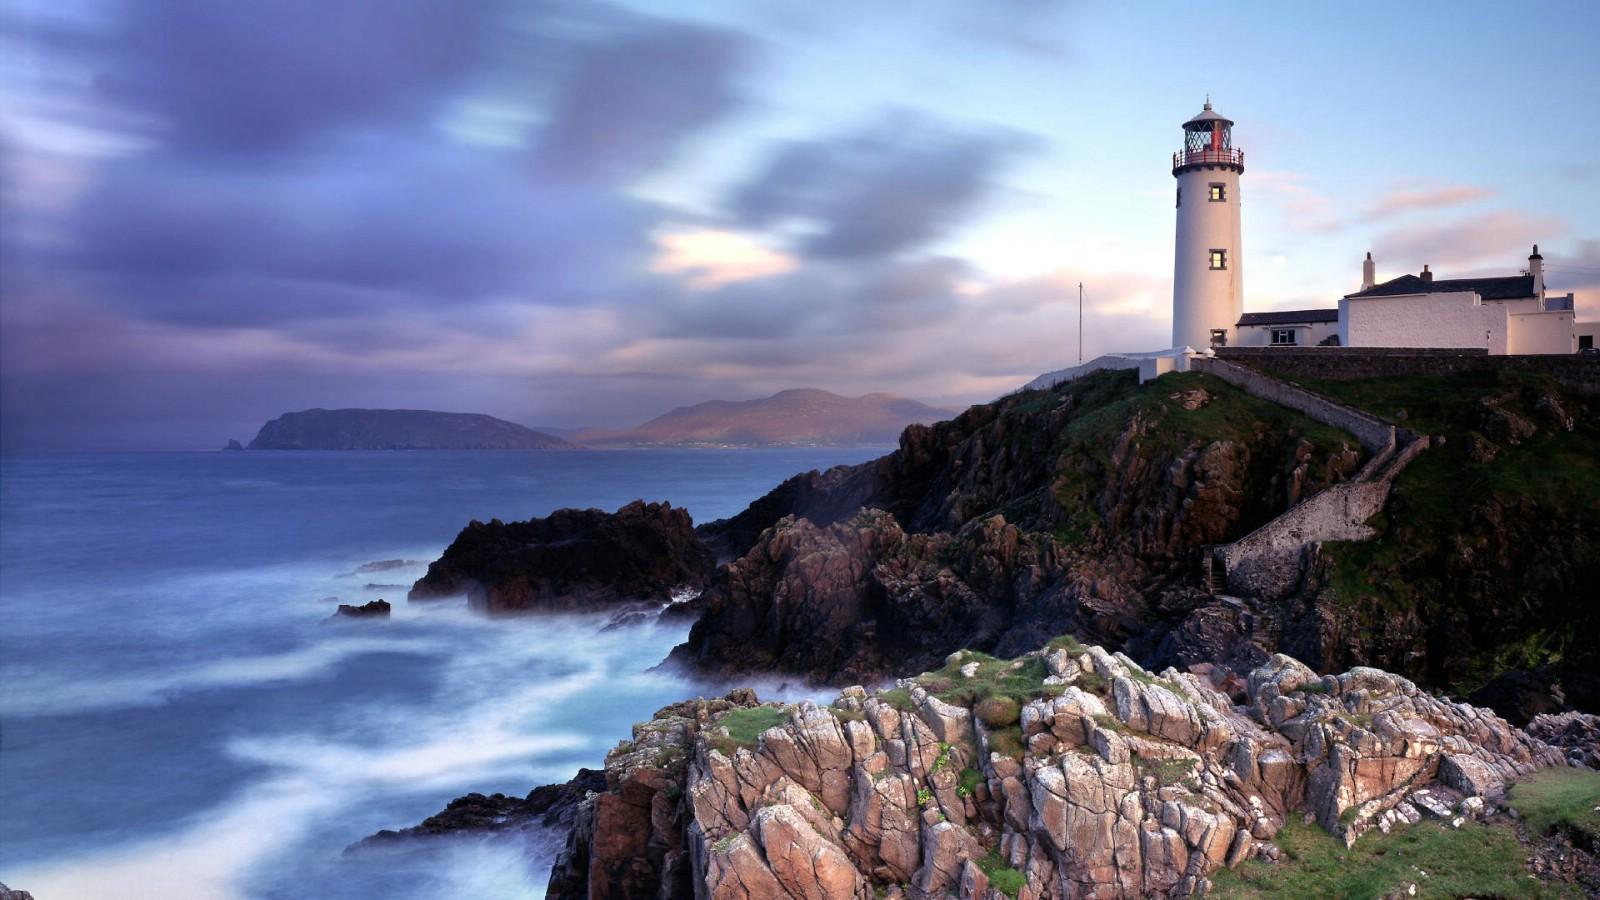 【手机壁纸】爱尔兰风景壁纸